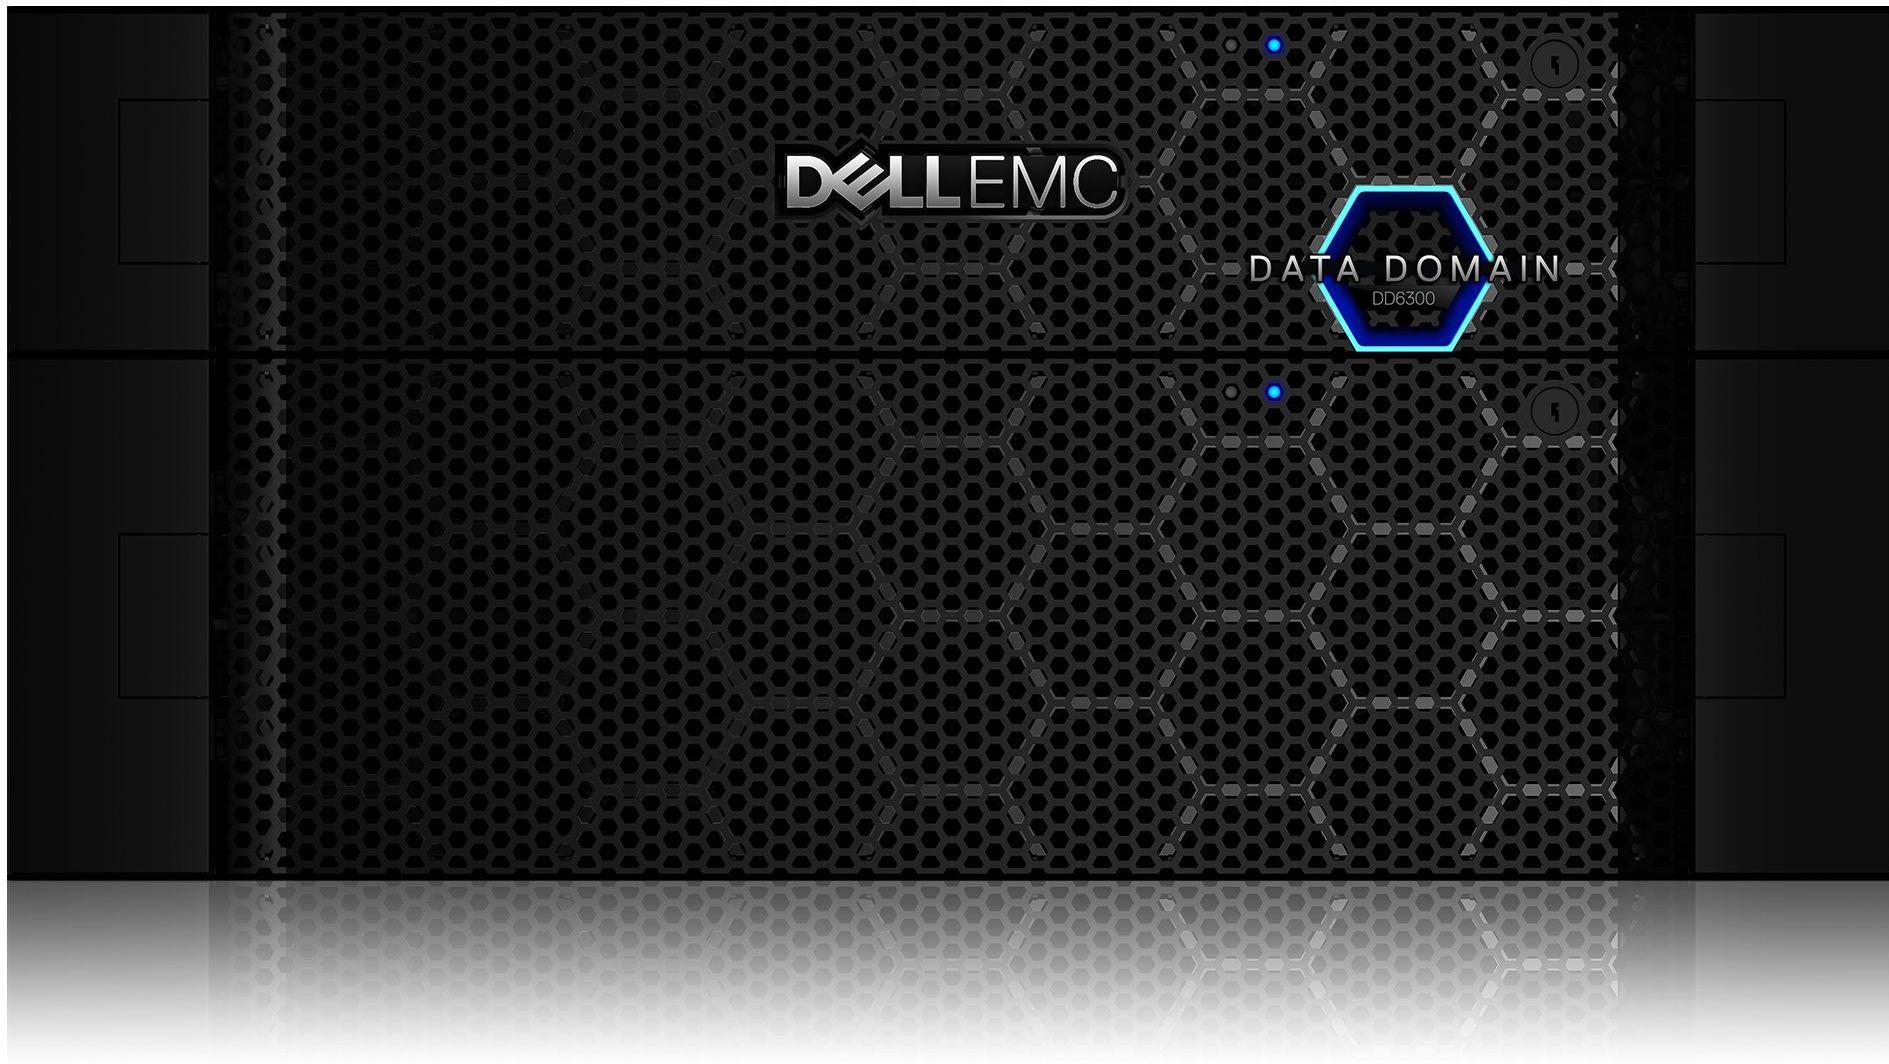 Dell EMC Data Domain DD6300